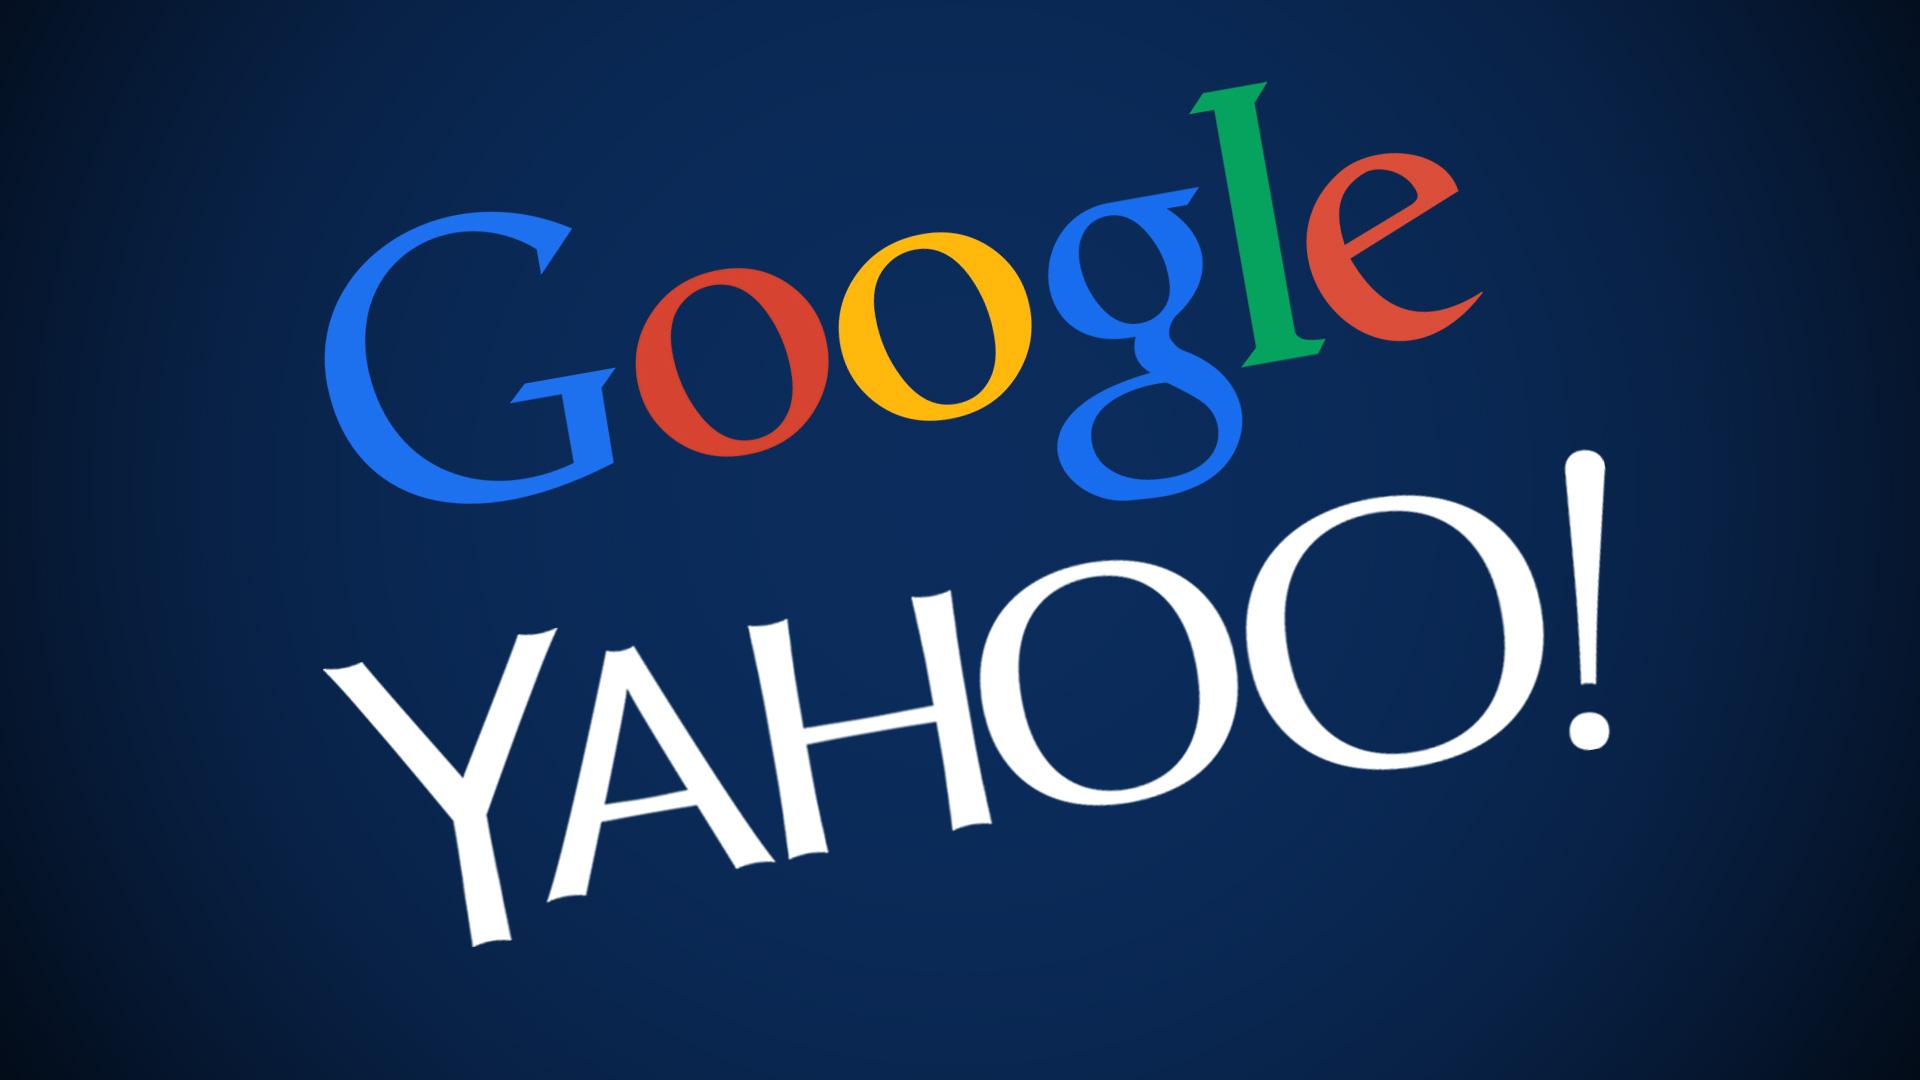 صفقة اعلانات بين ياهو yahoo و جوجل Google